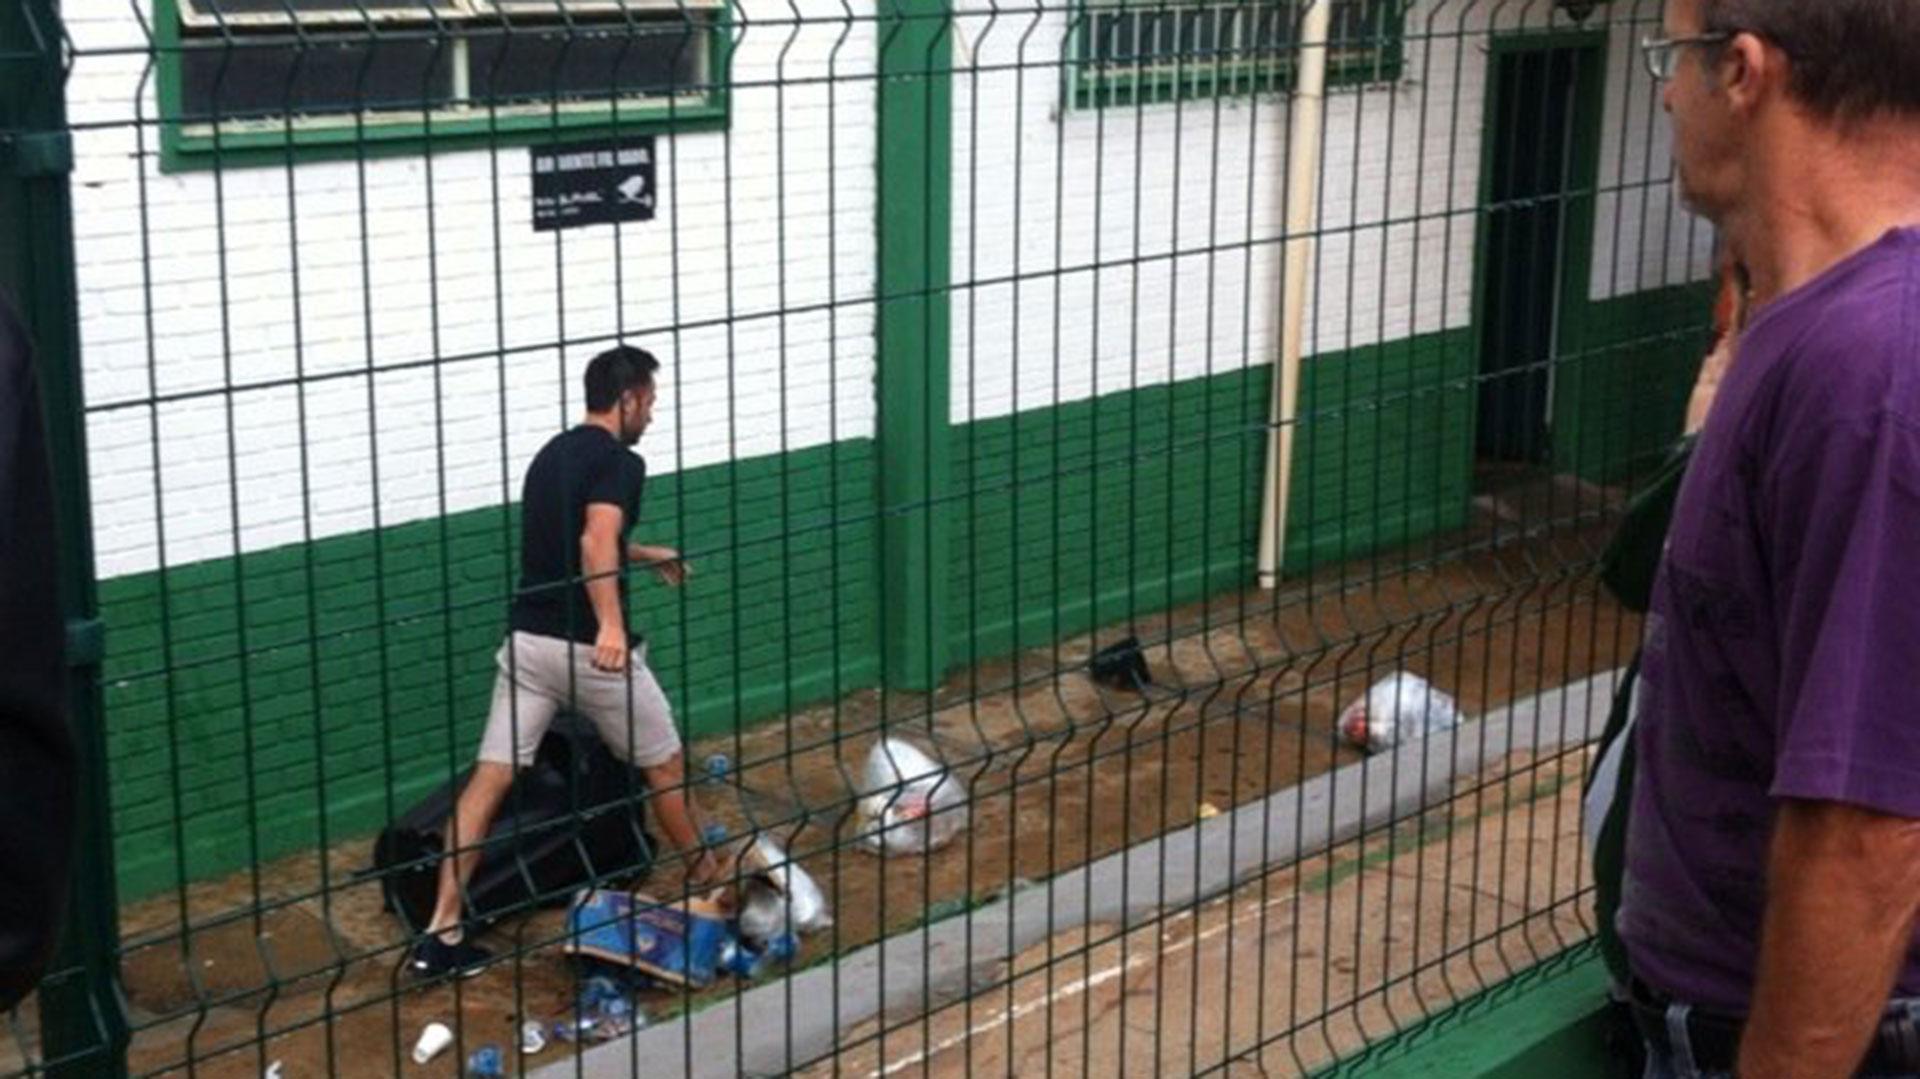 El jugador argentino Alejandro Martinuccio arriba al club. El futbolista no viajó por estar lesionado (Gentileza: DC Esportes)